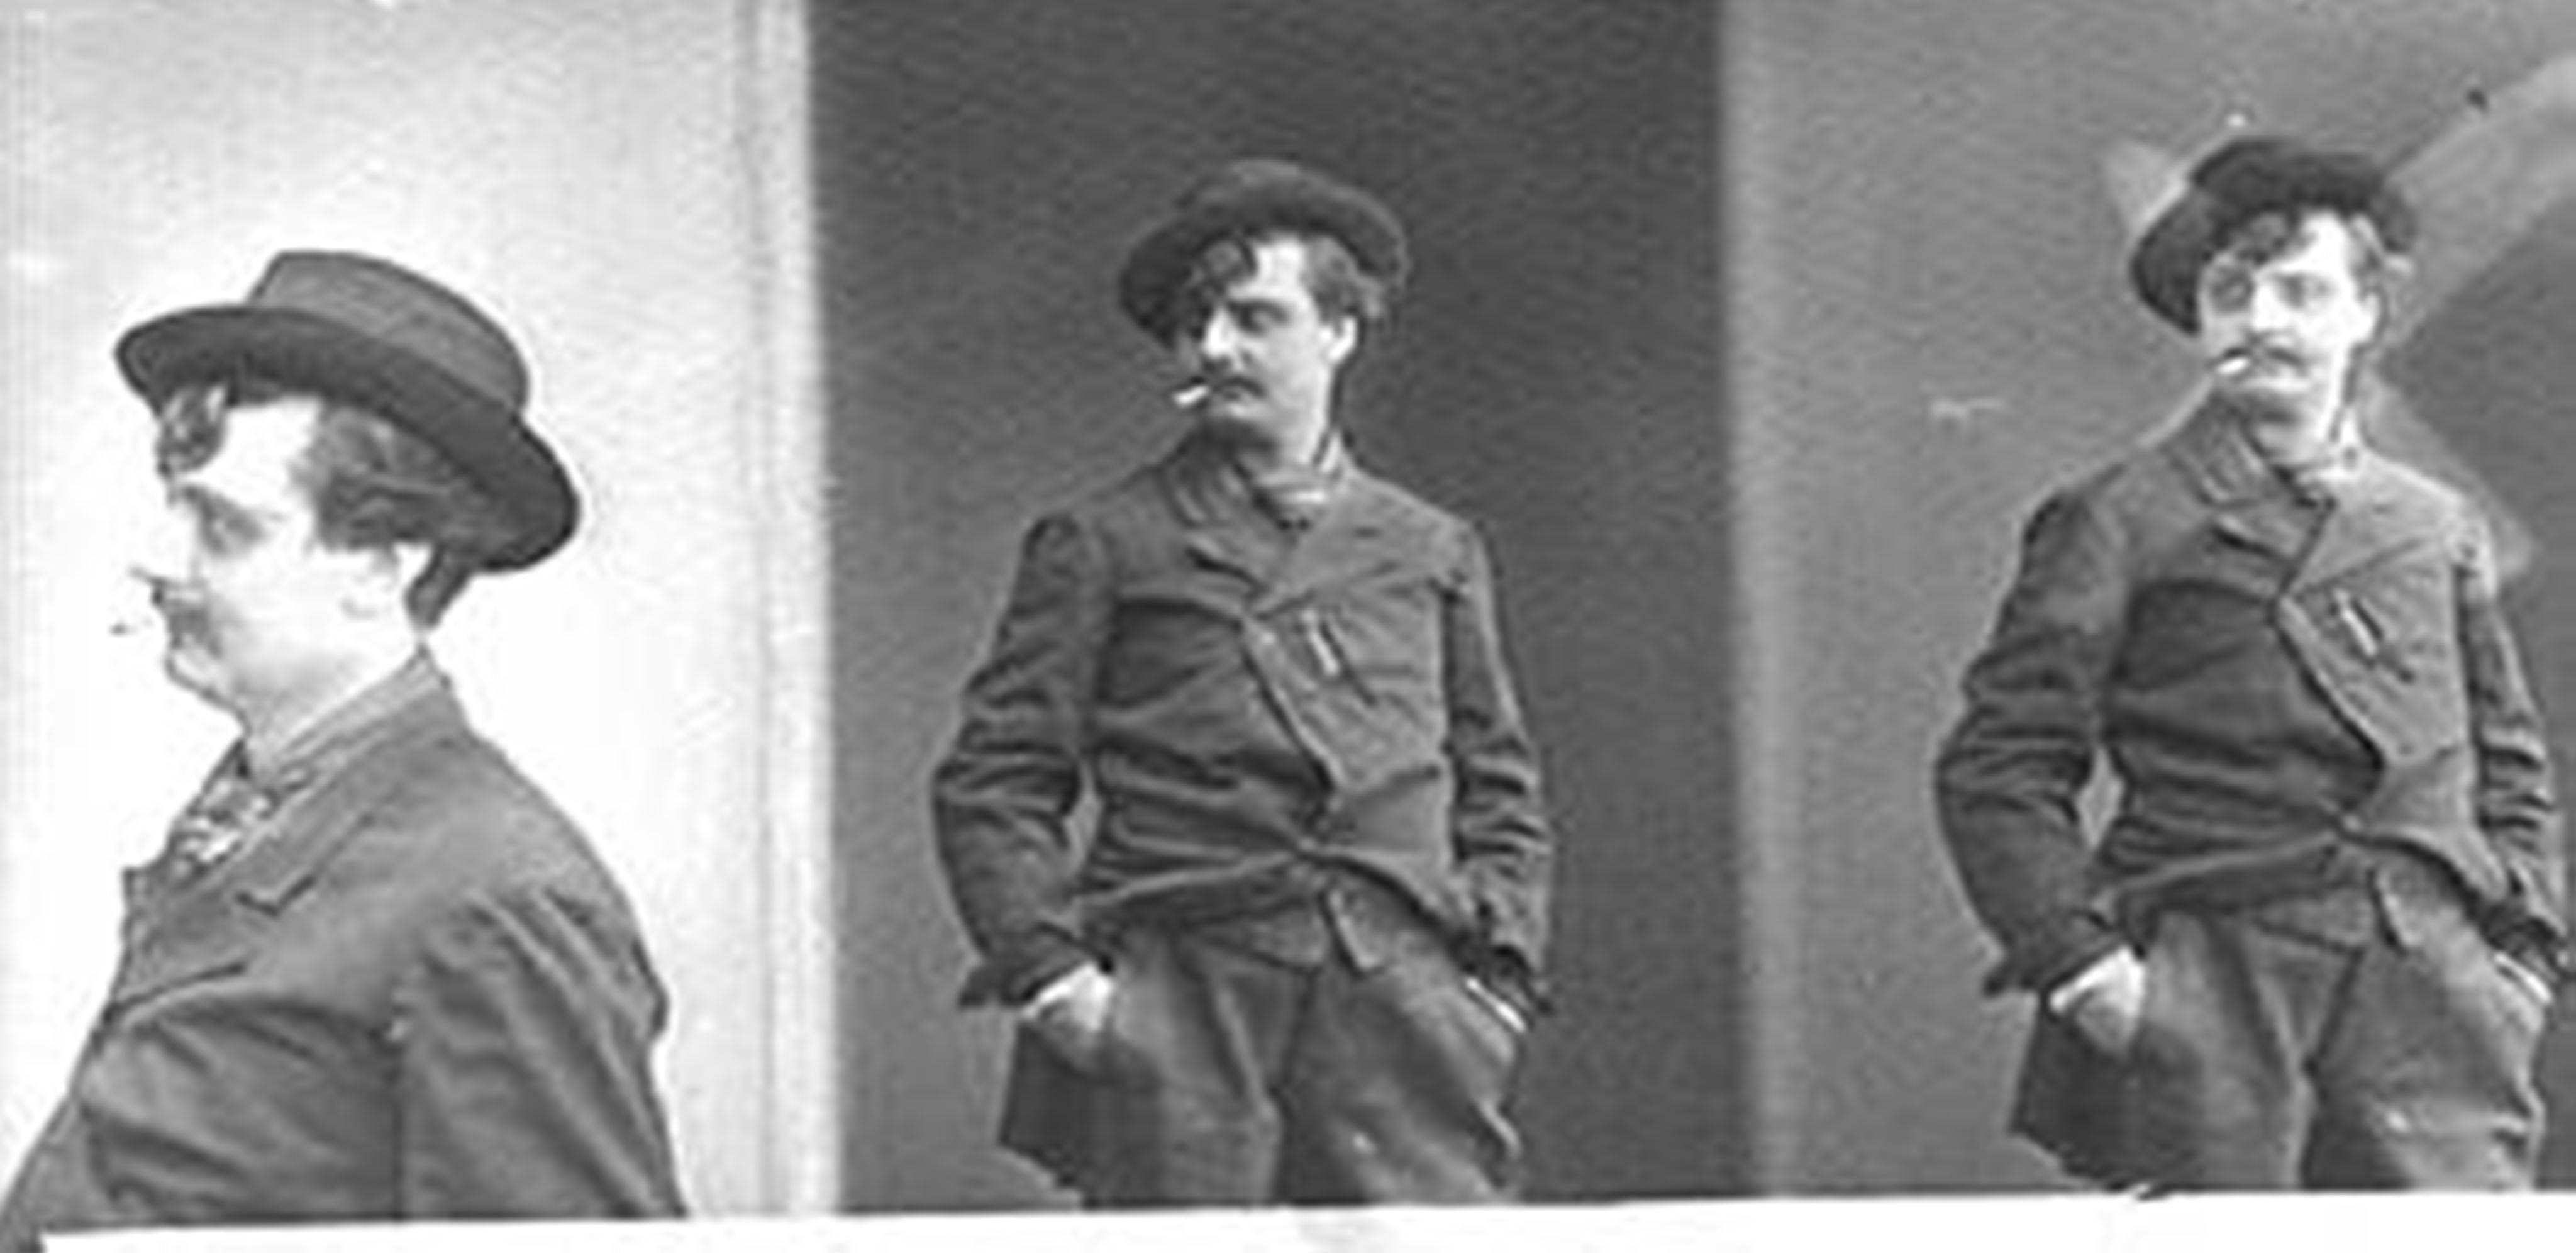 Image - Delessart dans le rôle de Lantier